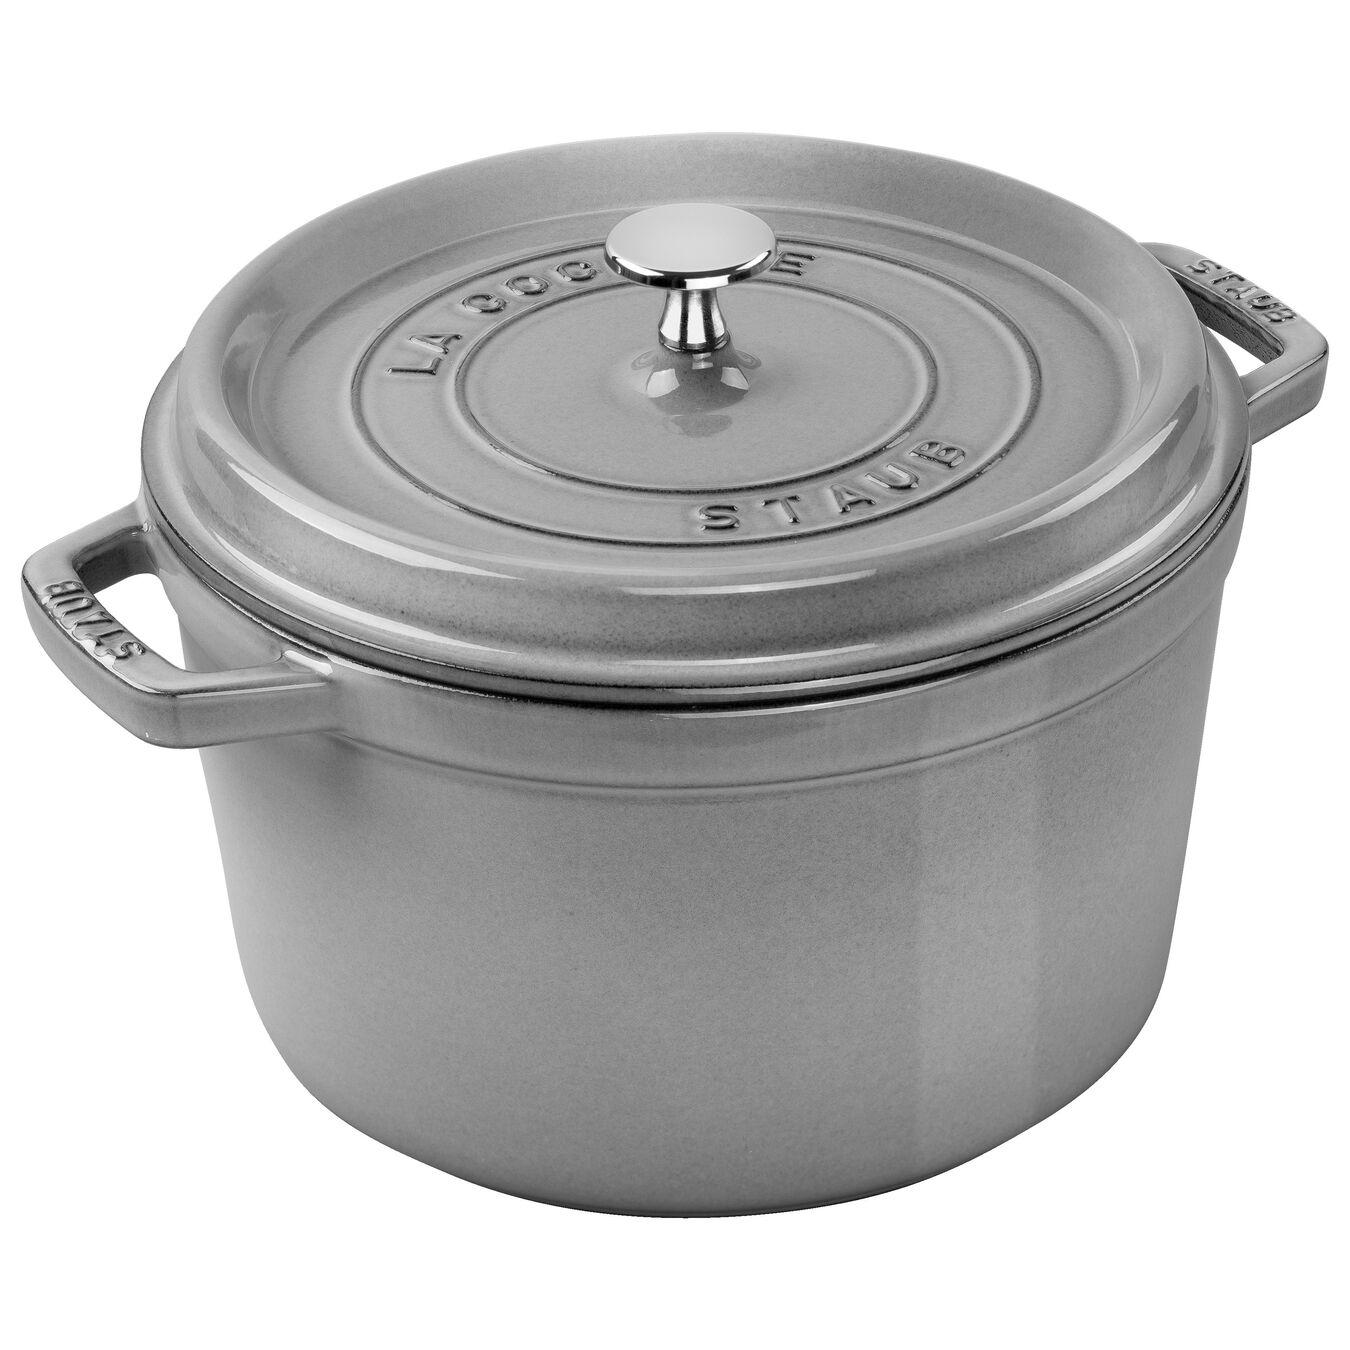 4,75 l Cast iron round Poêle à frire en fonte, Graphite-Grey,,large 1